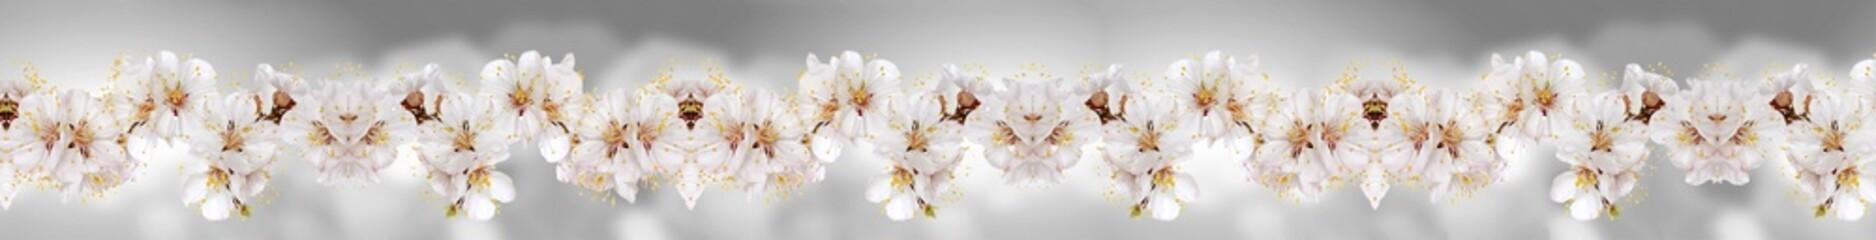 орхидеи на сером фоне (металлика)